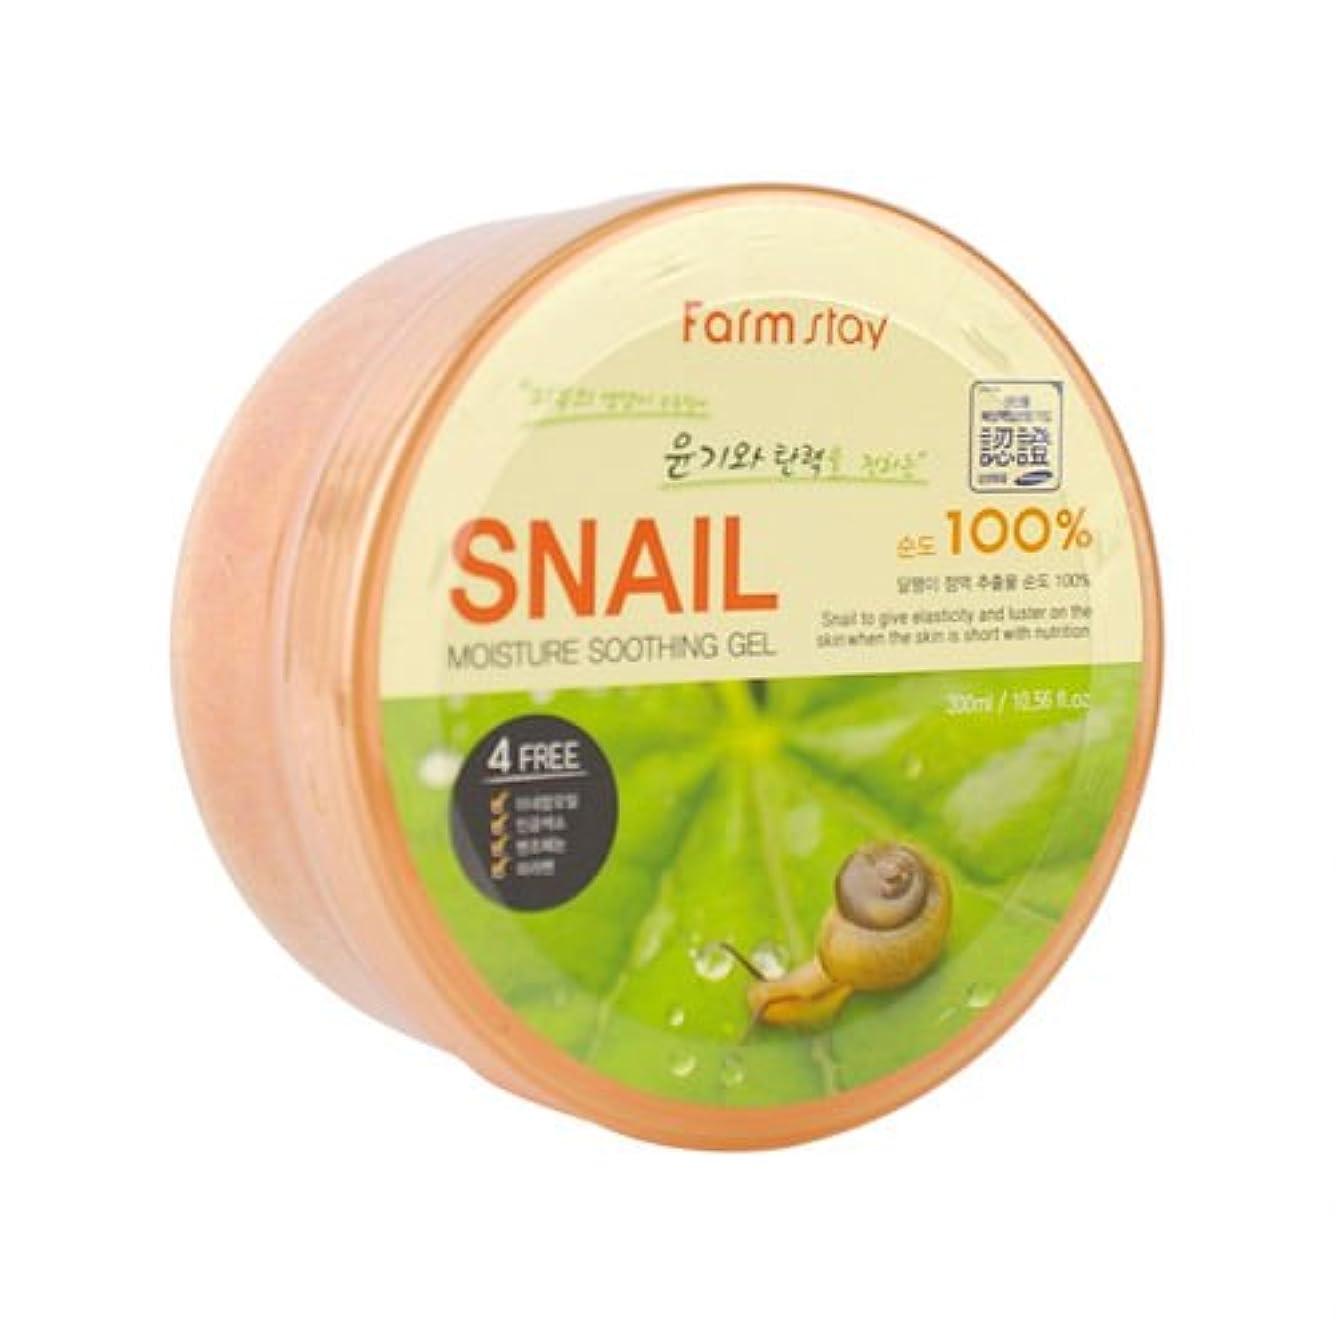 ベスビオ山粘液やめるFarm Stay Snail Moisture Soothing Gel 300ml /Snail extract 100%/Skin Glowing & Elasticity Up [並行輸入品]